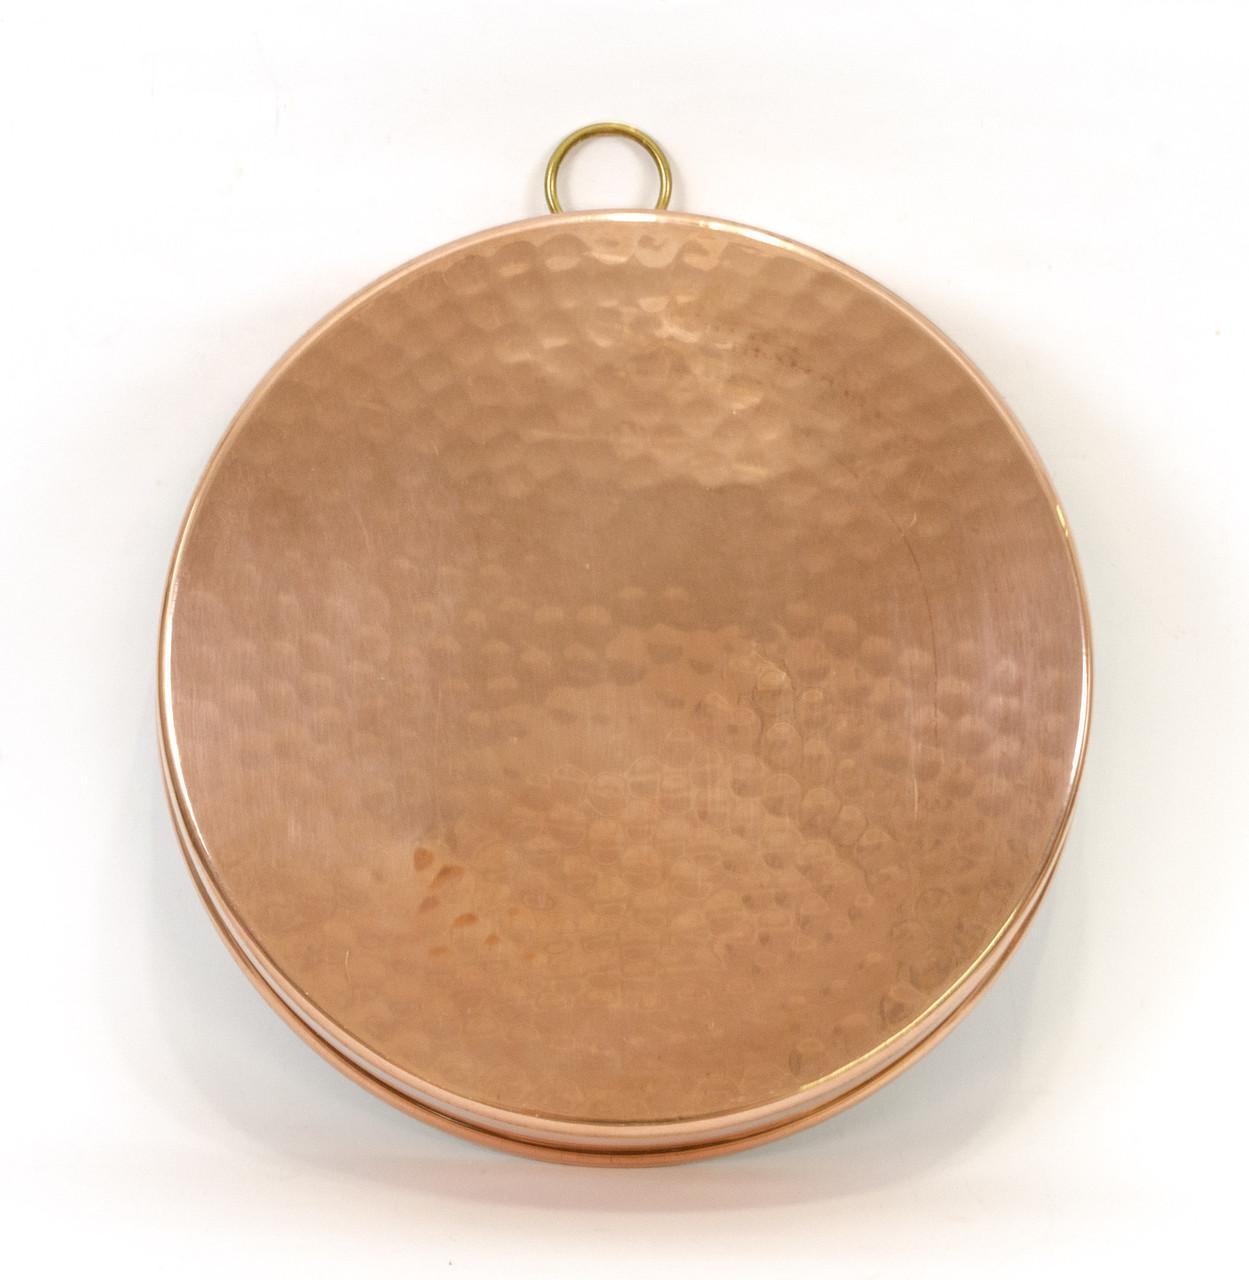 Медная форма для выпечки, медь, Швеция, винтажная, 22,5 см